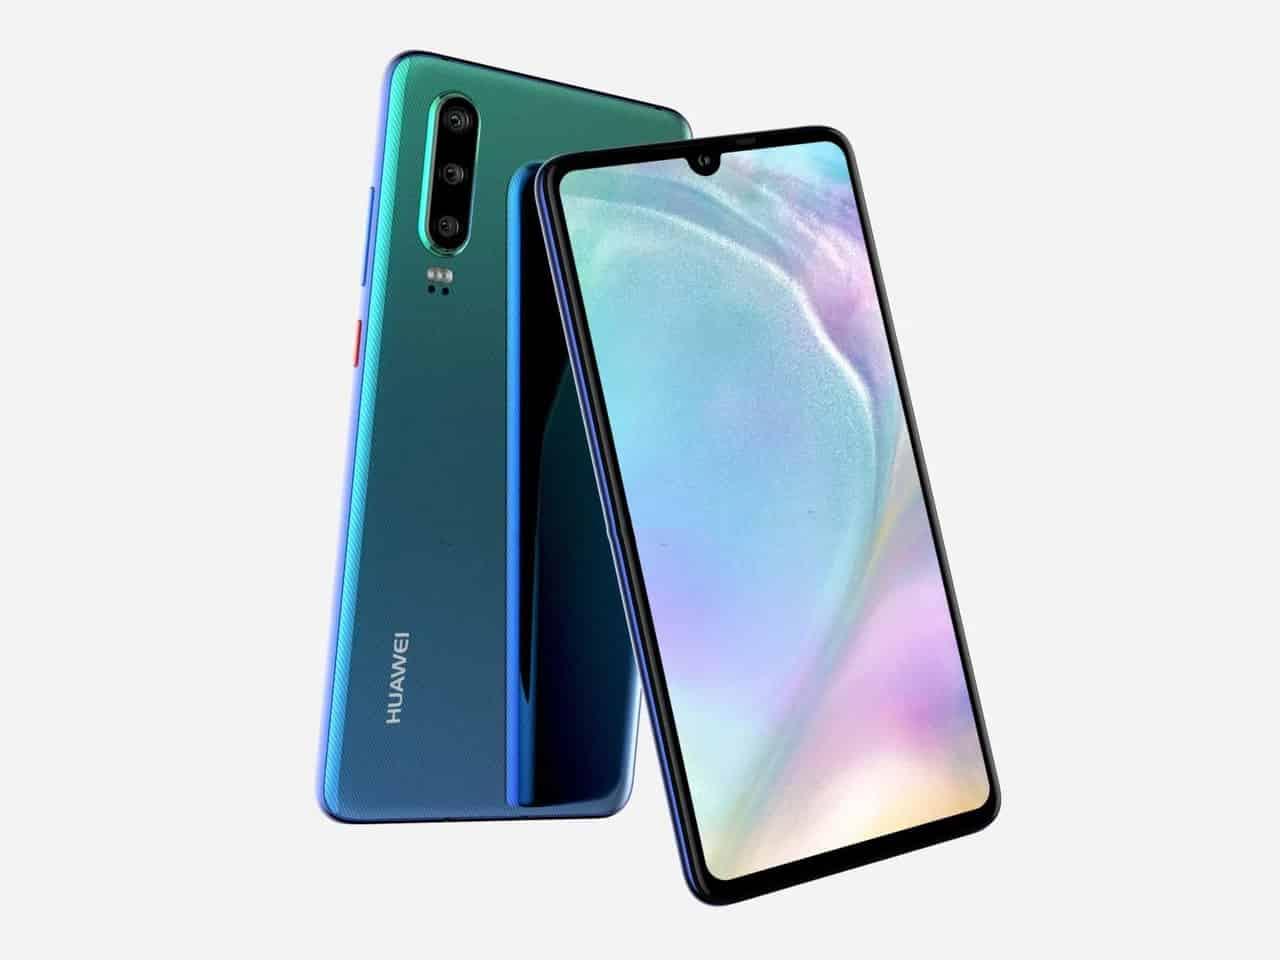 Nokia Edge Max 2019 vs Huawei P30 Lite